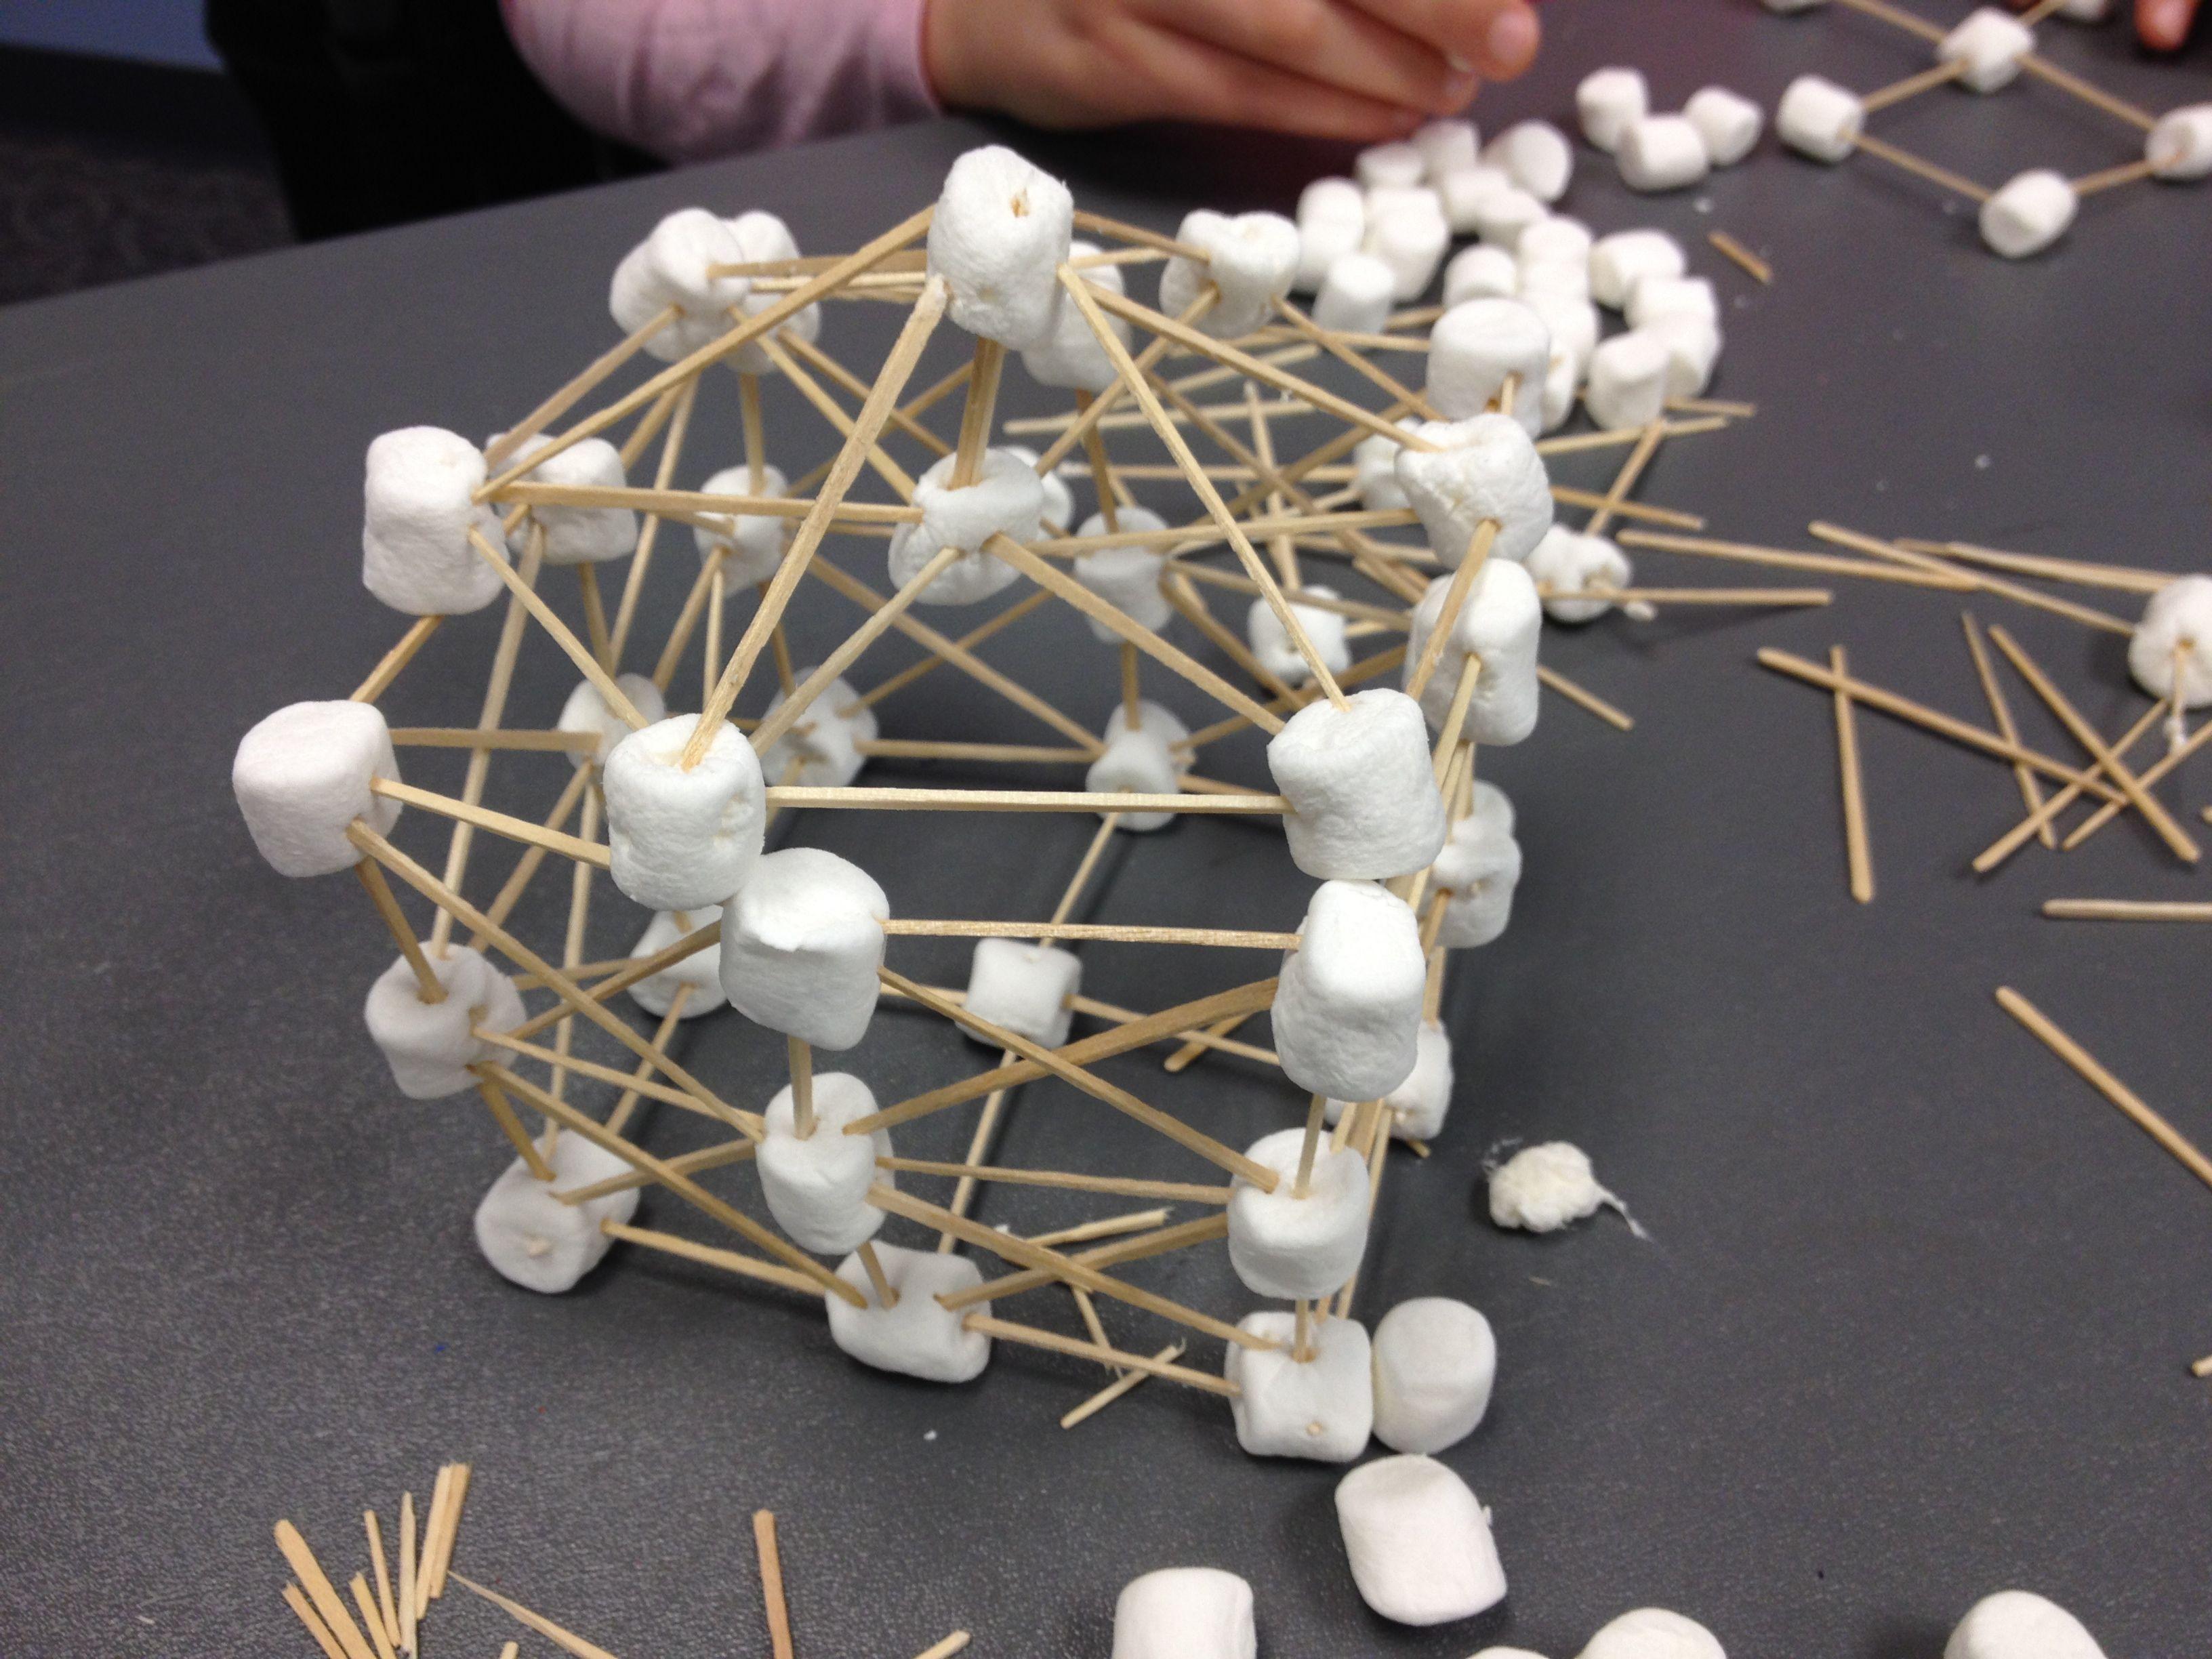 best way to build a toothpick bridge